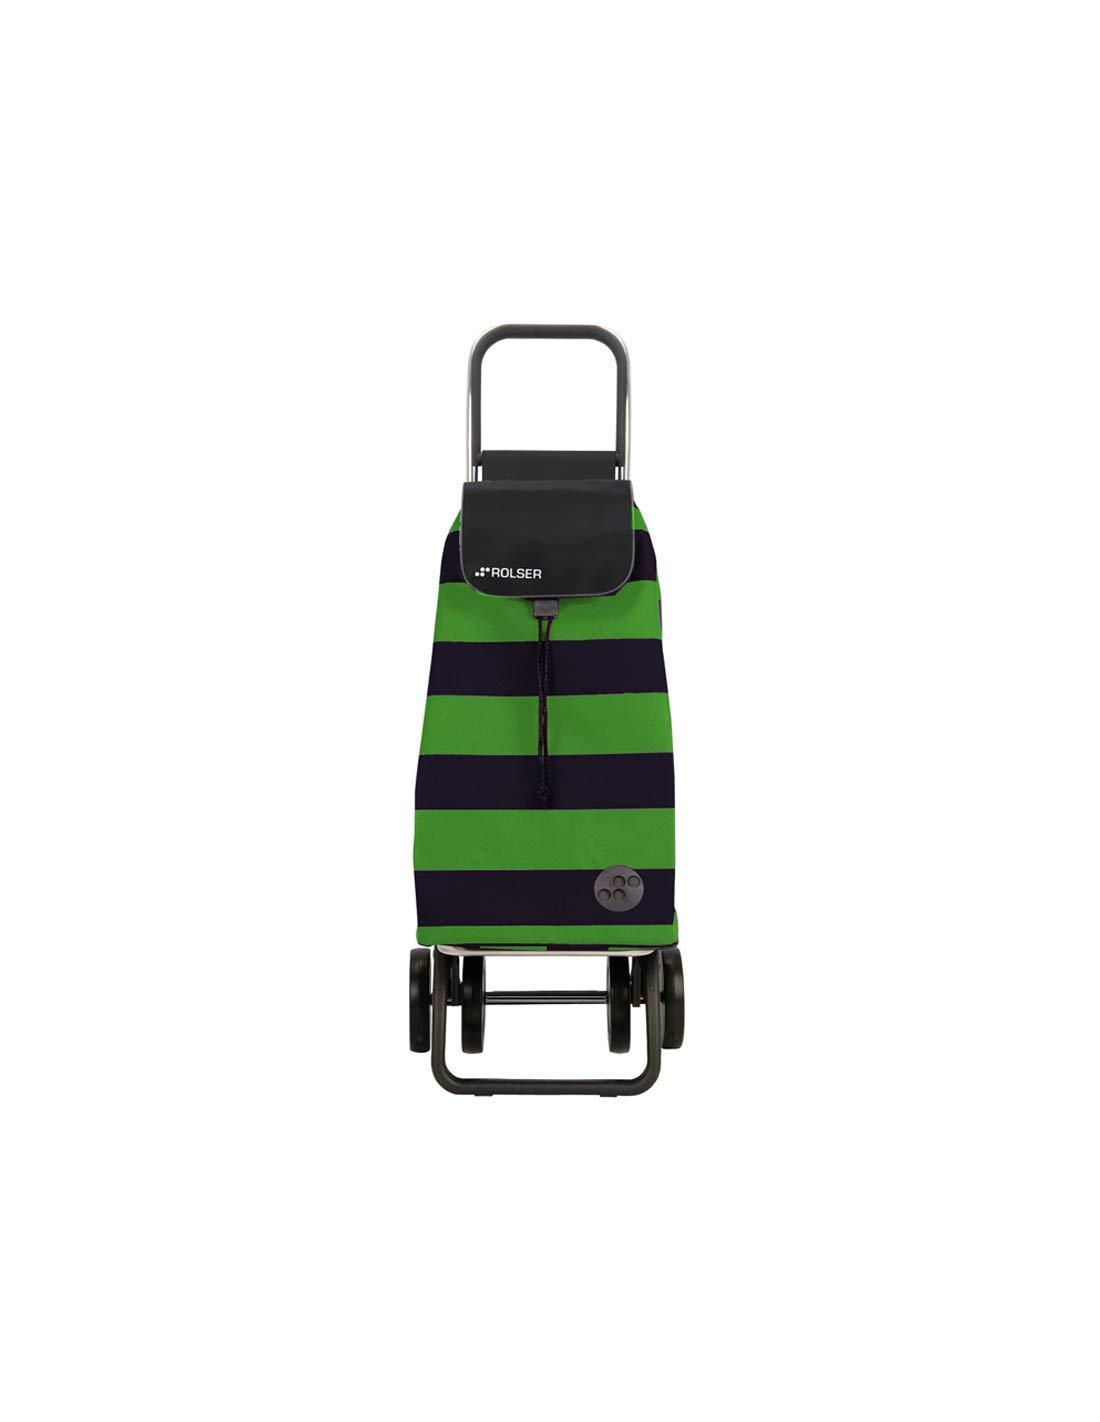 Carro Rolser Pack Lido 4 Ruedas Plegable - Verde/Negro: Amazon.es ...